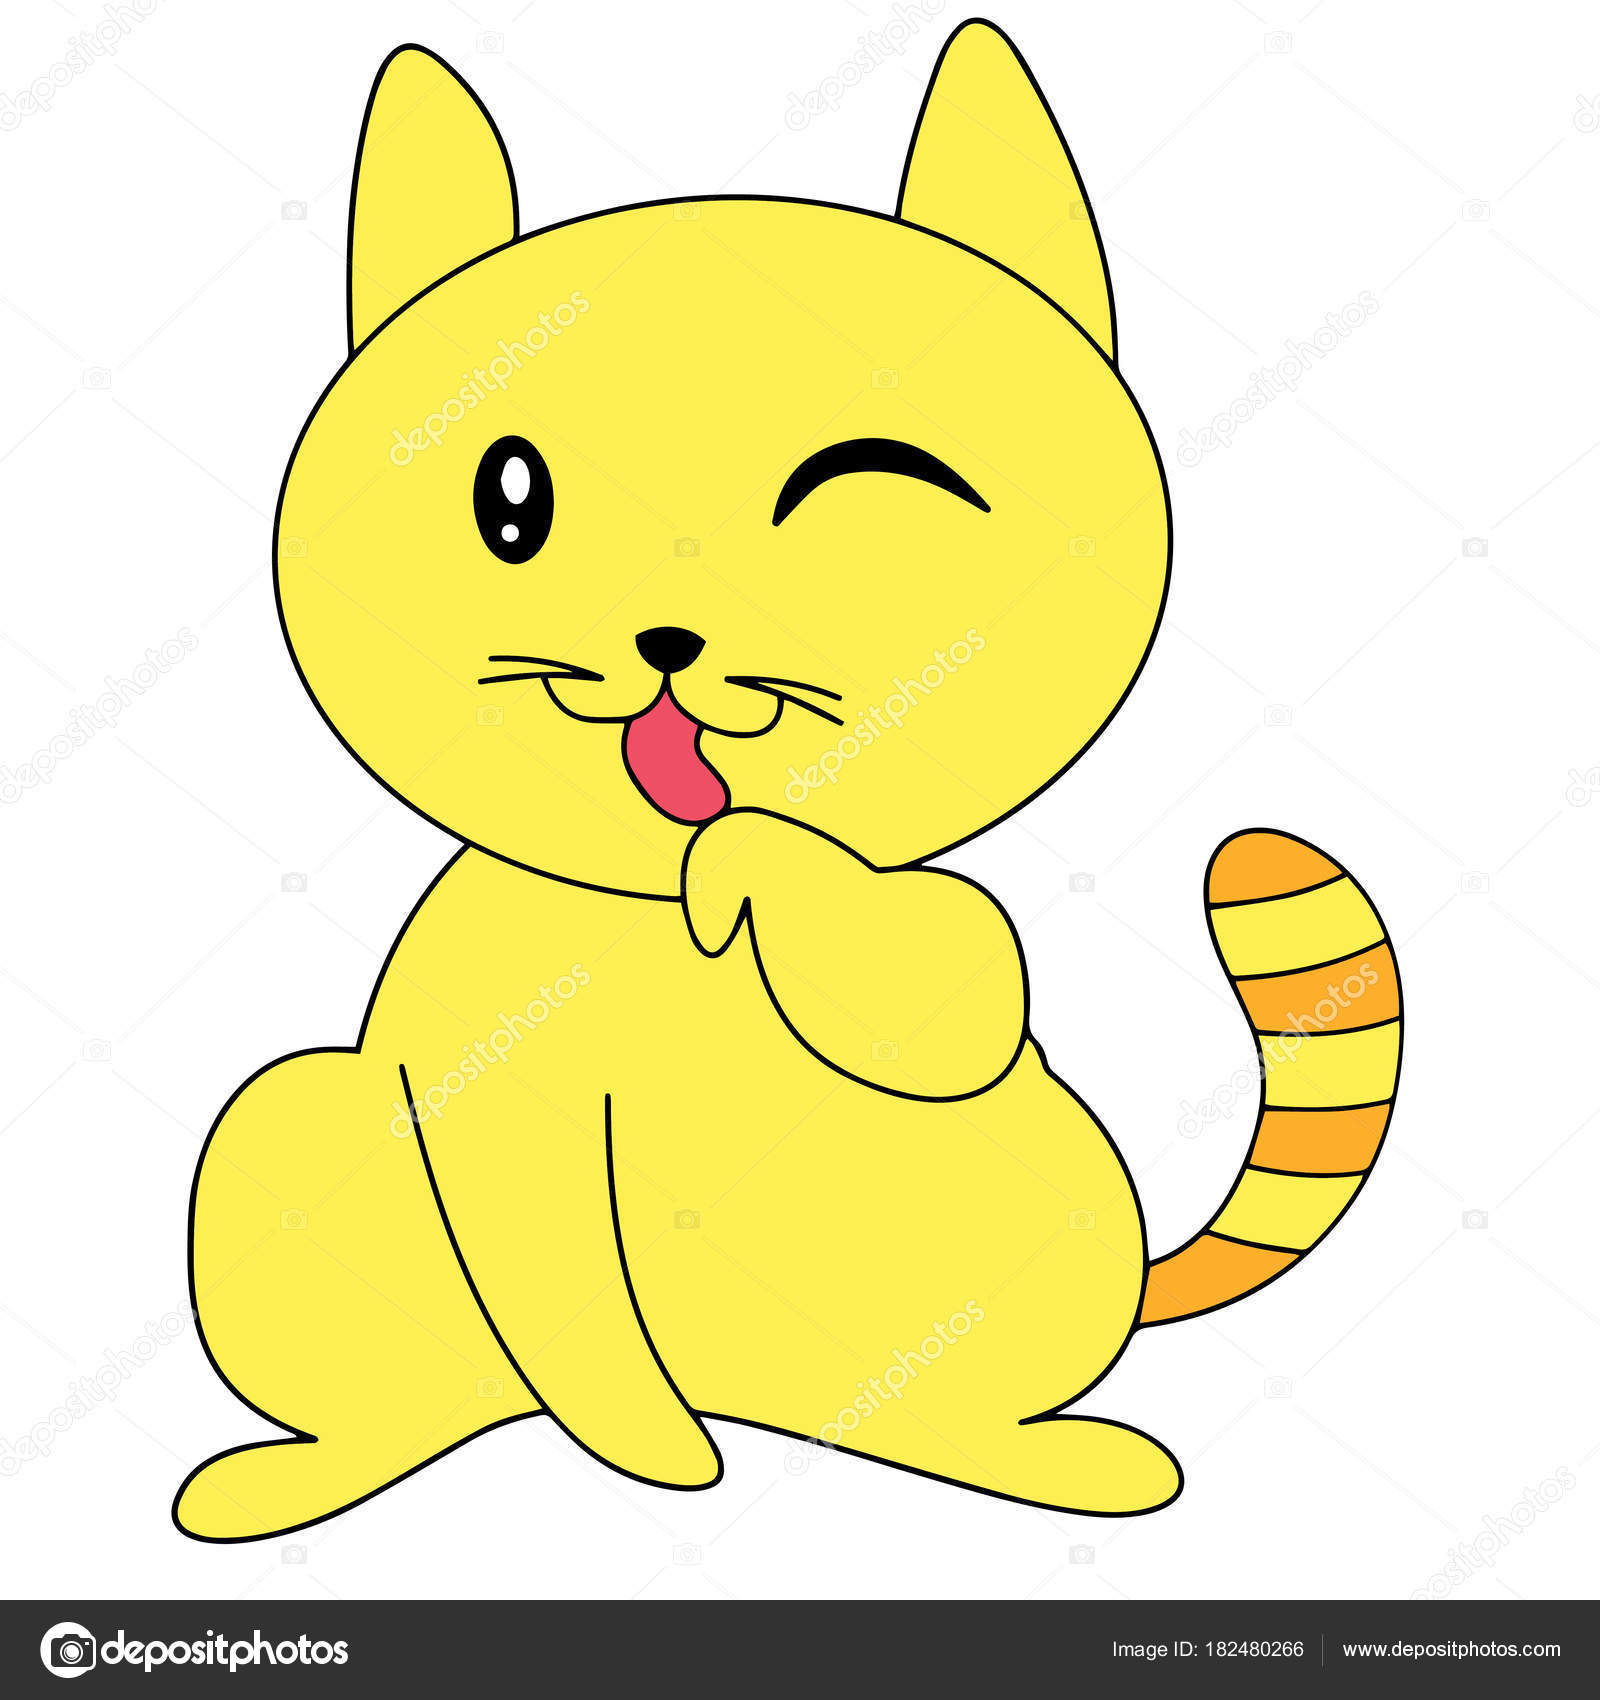 Dibujos Gato Dibujo Infantil Color Impresiones Dibujos Animados